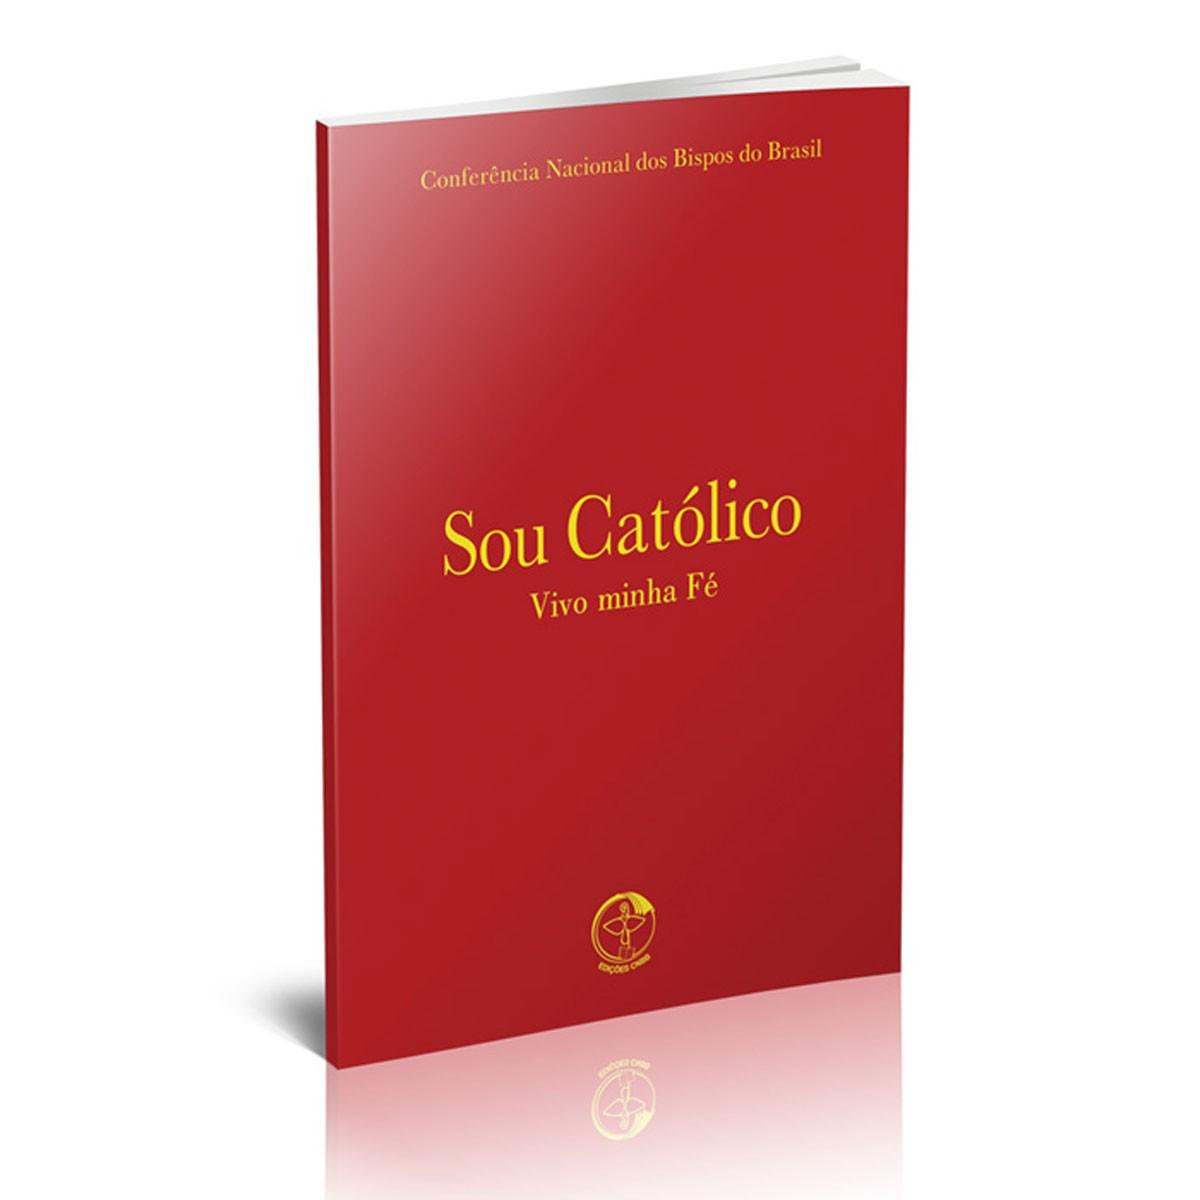 Sou Catolico Vivo Minha Fé - bolso  - VindVedShop - Distribuidora Catolica